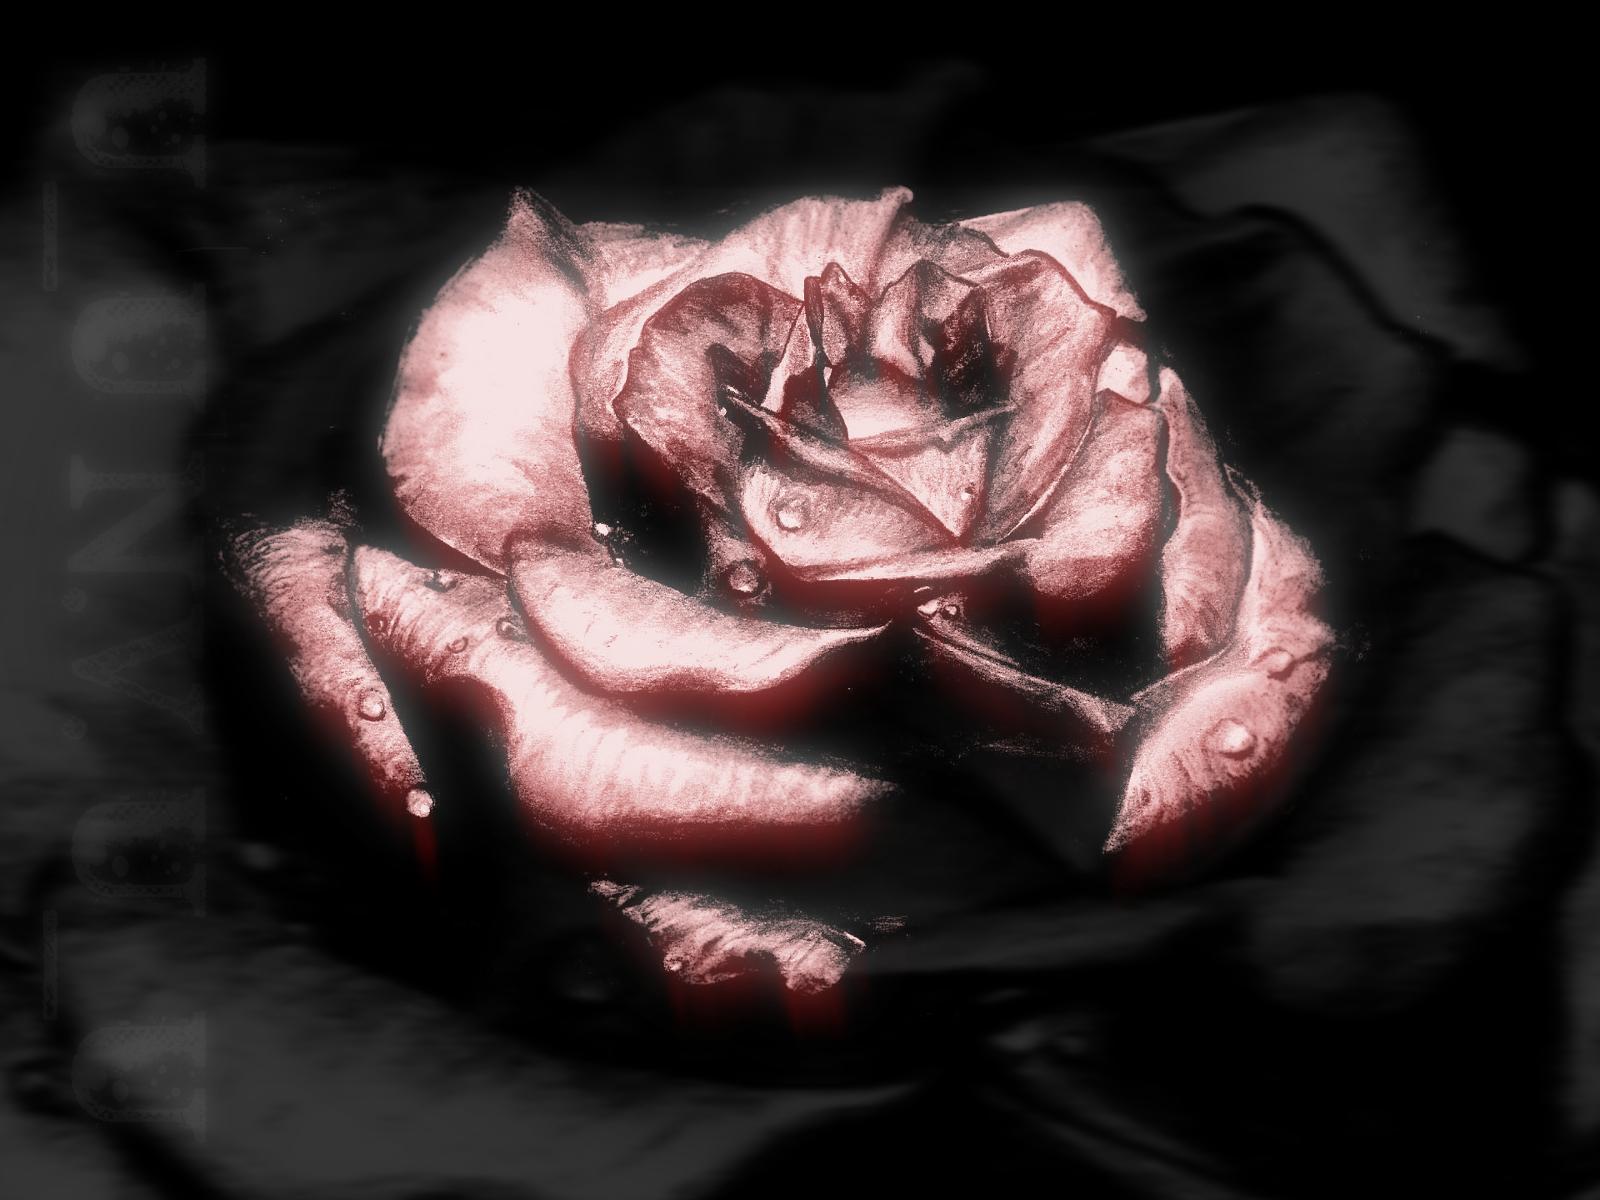 Reddened Rose